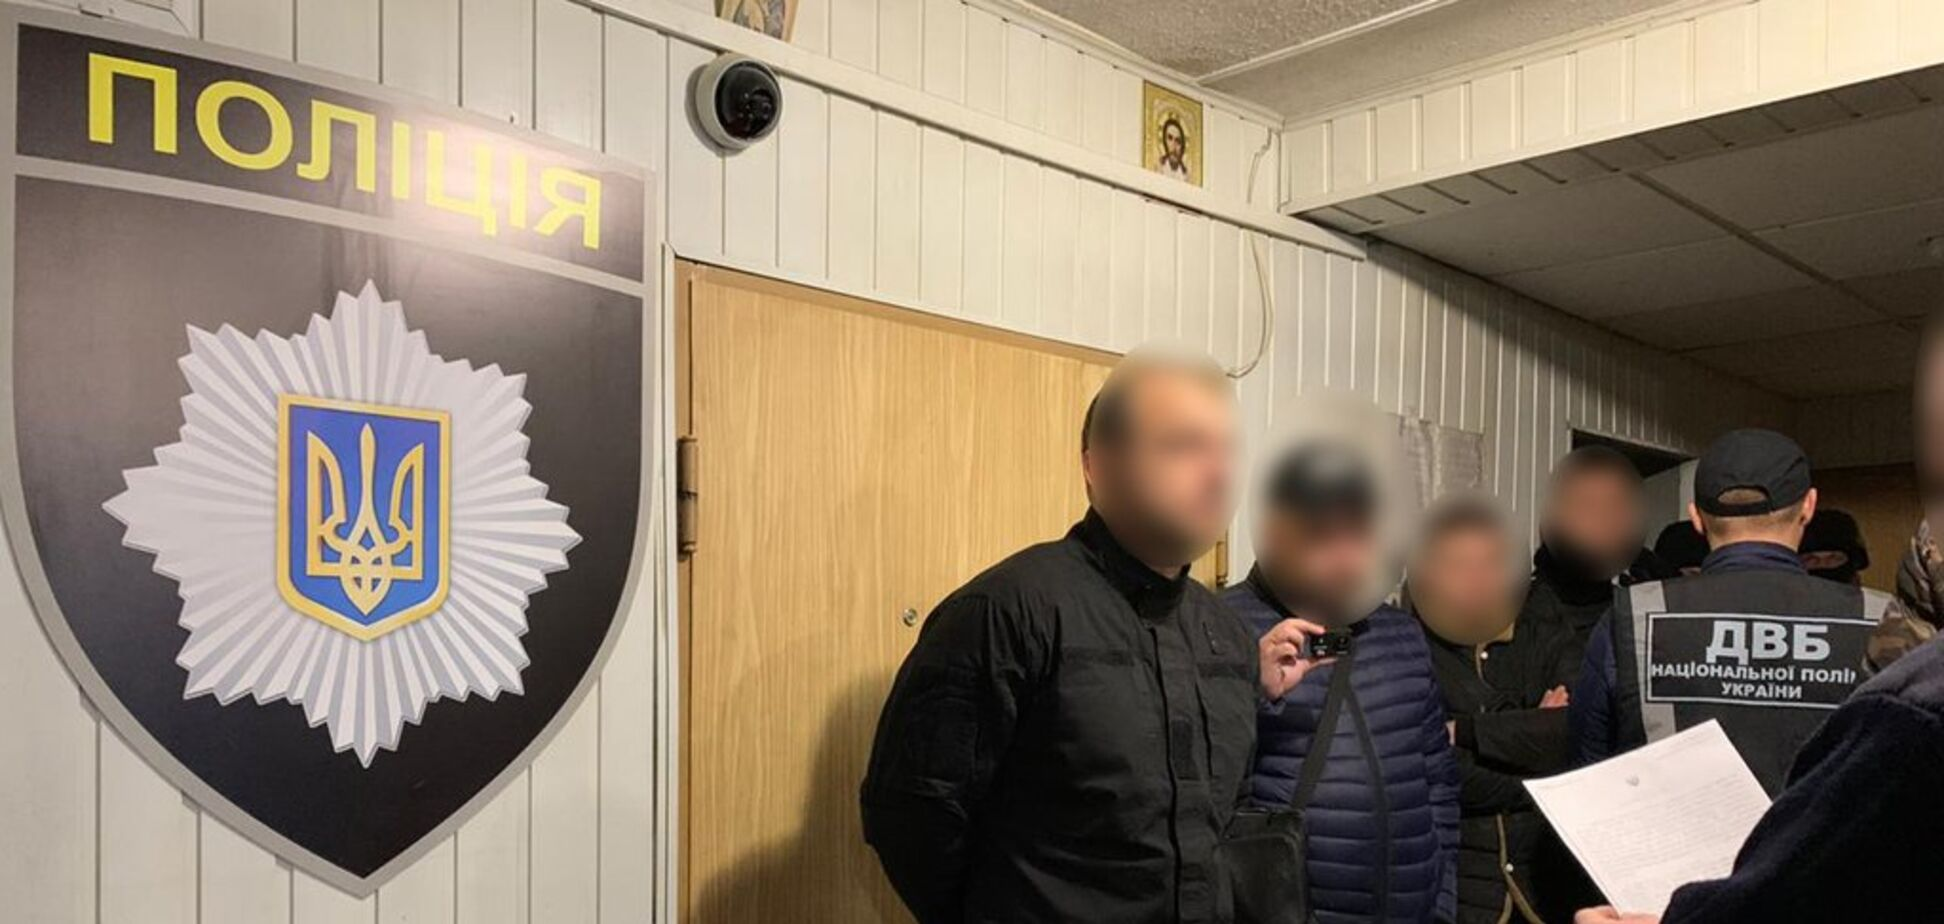 'Изъял' машину и требовал взятку: на Днепропетровщине поймали копа-оборотня. Фото